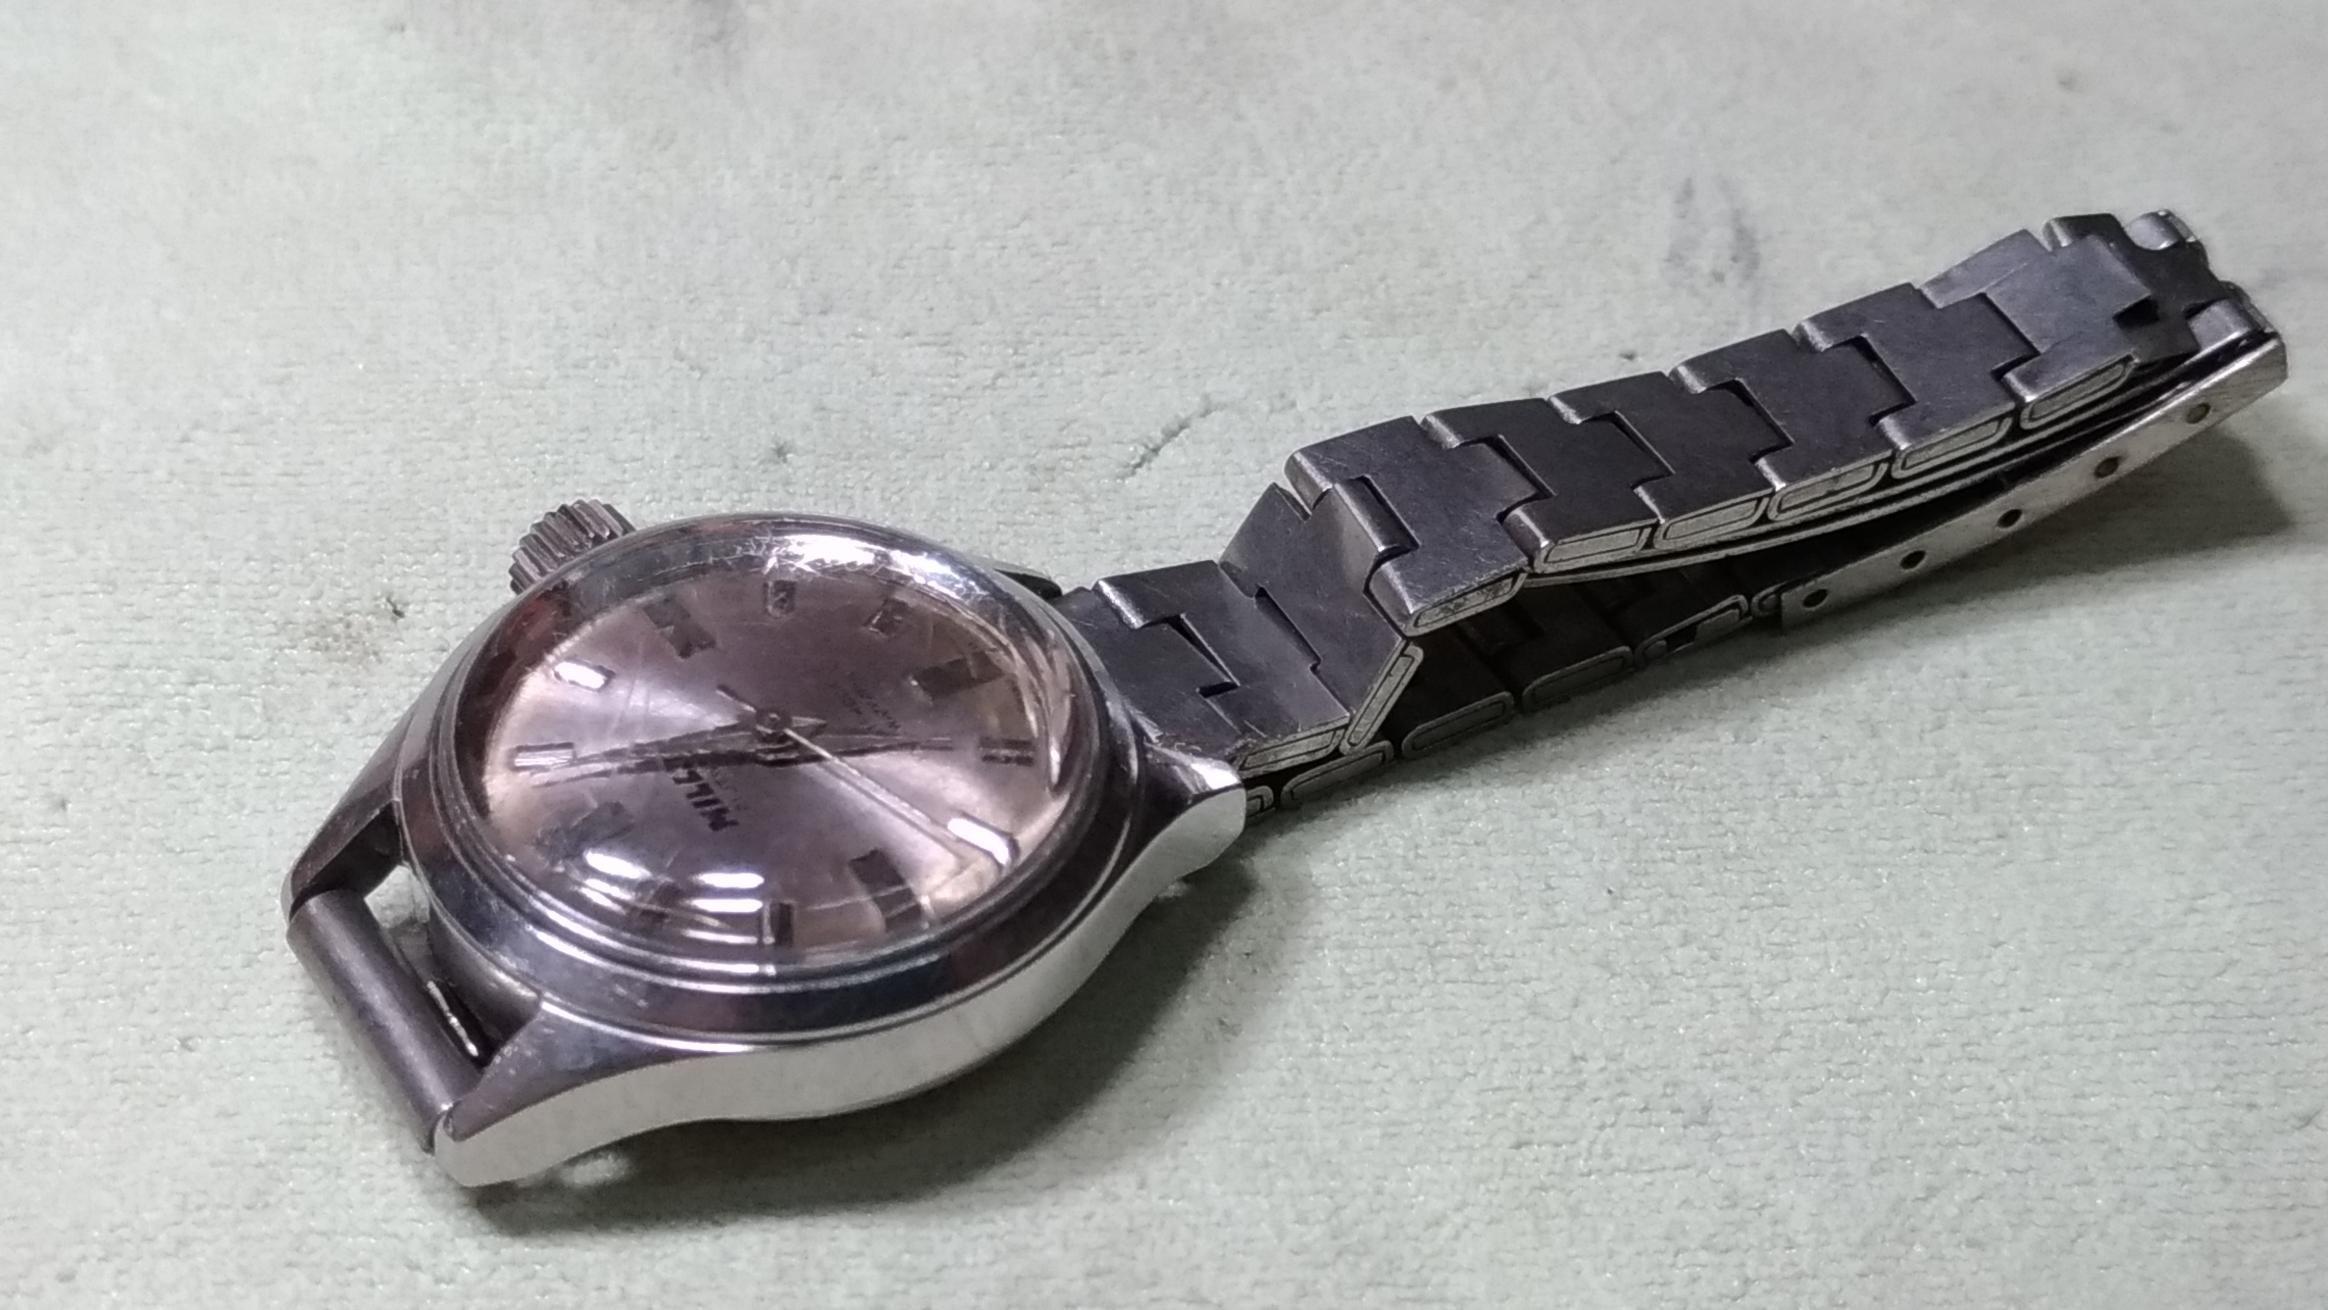 瑞士製造 70年代 古董 機械手上鍊女錶 全不鏽鋼 全部整理完成 類似 勞力士 SEIKO 星辰錶 浪琴錶 OMEGA